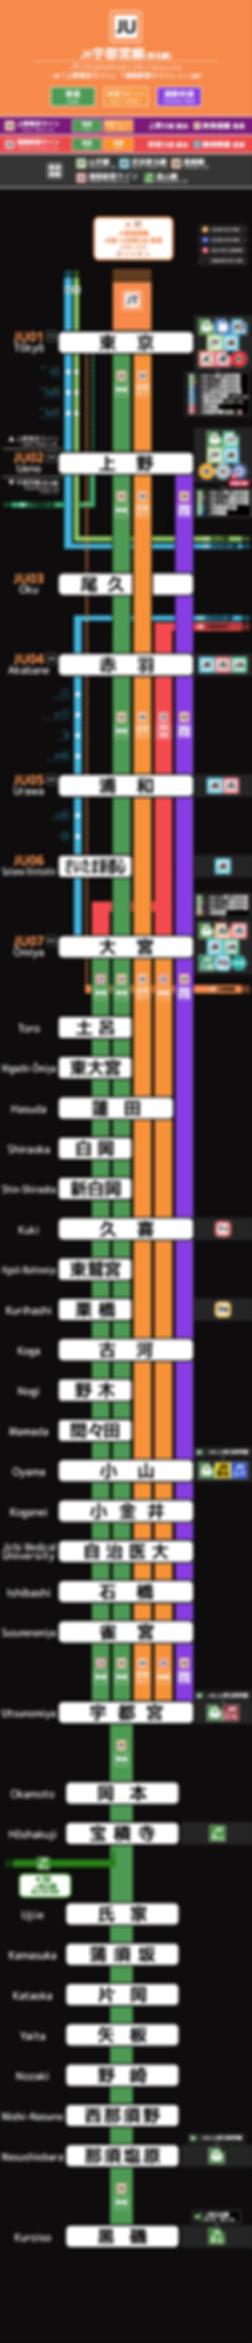 JR宇都宮線_2019-10-07.png